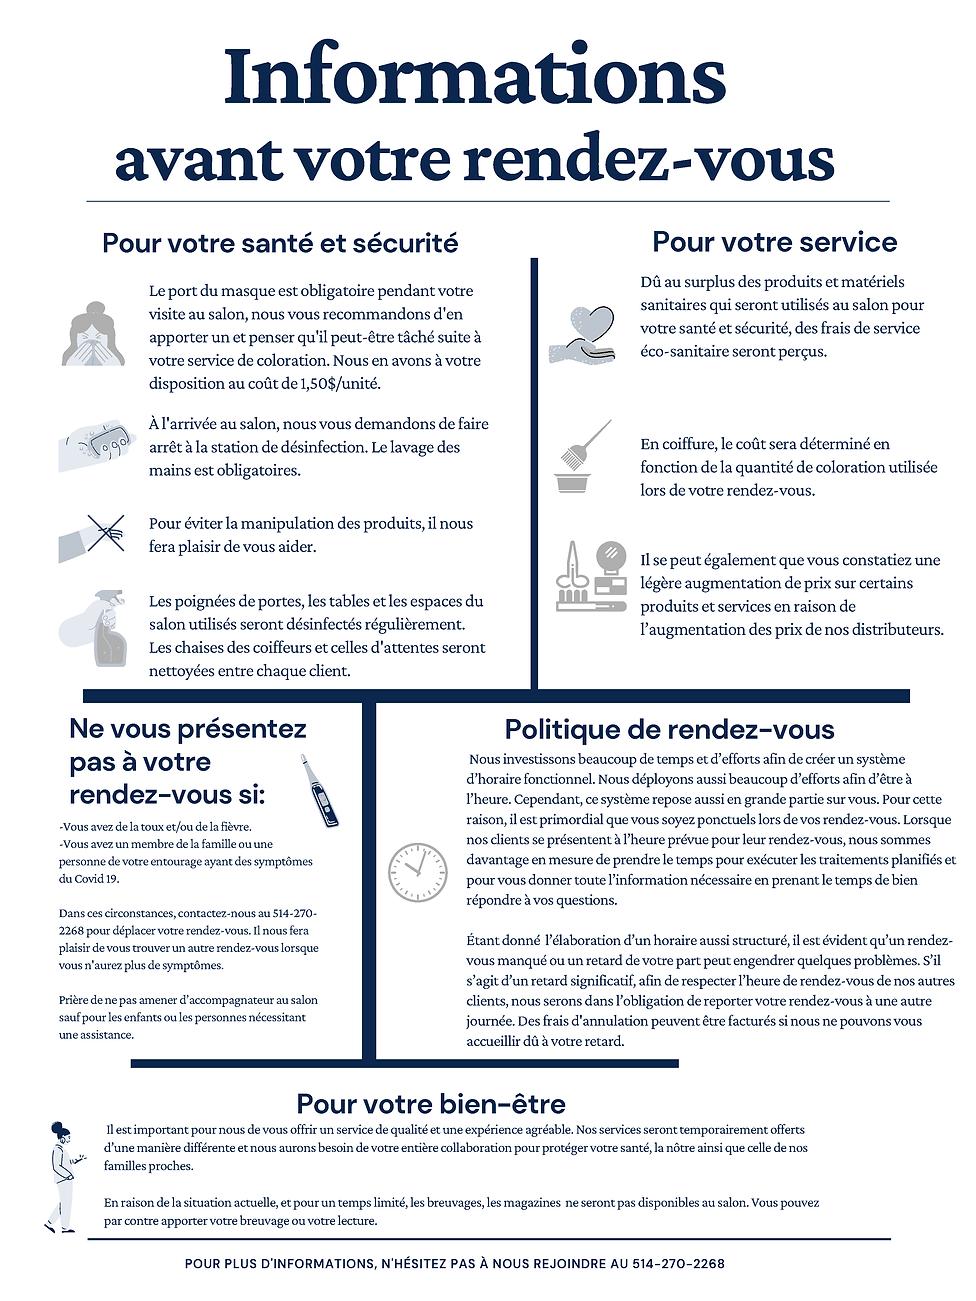 Copie_de_Poster_prévention_lieu_de_tra